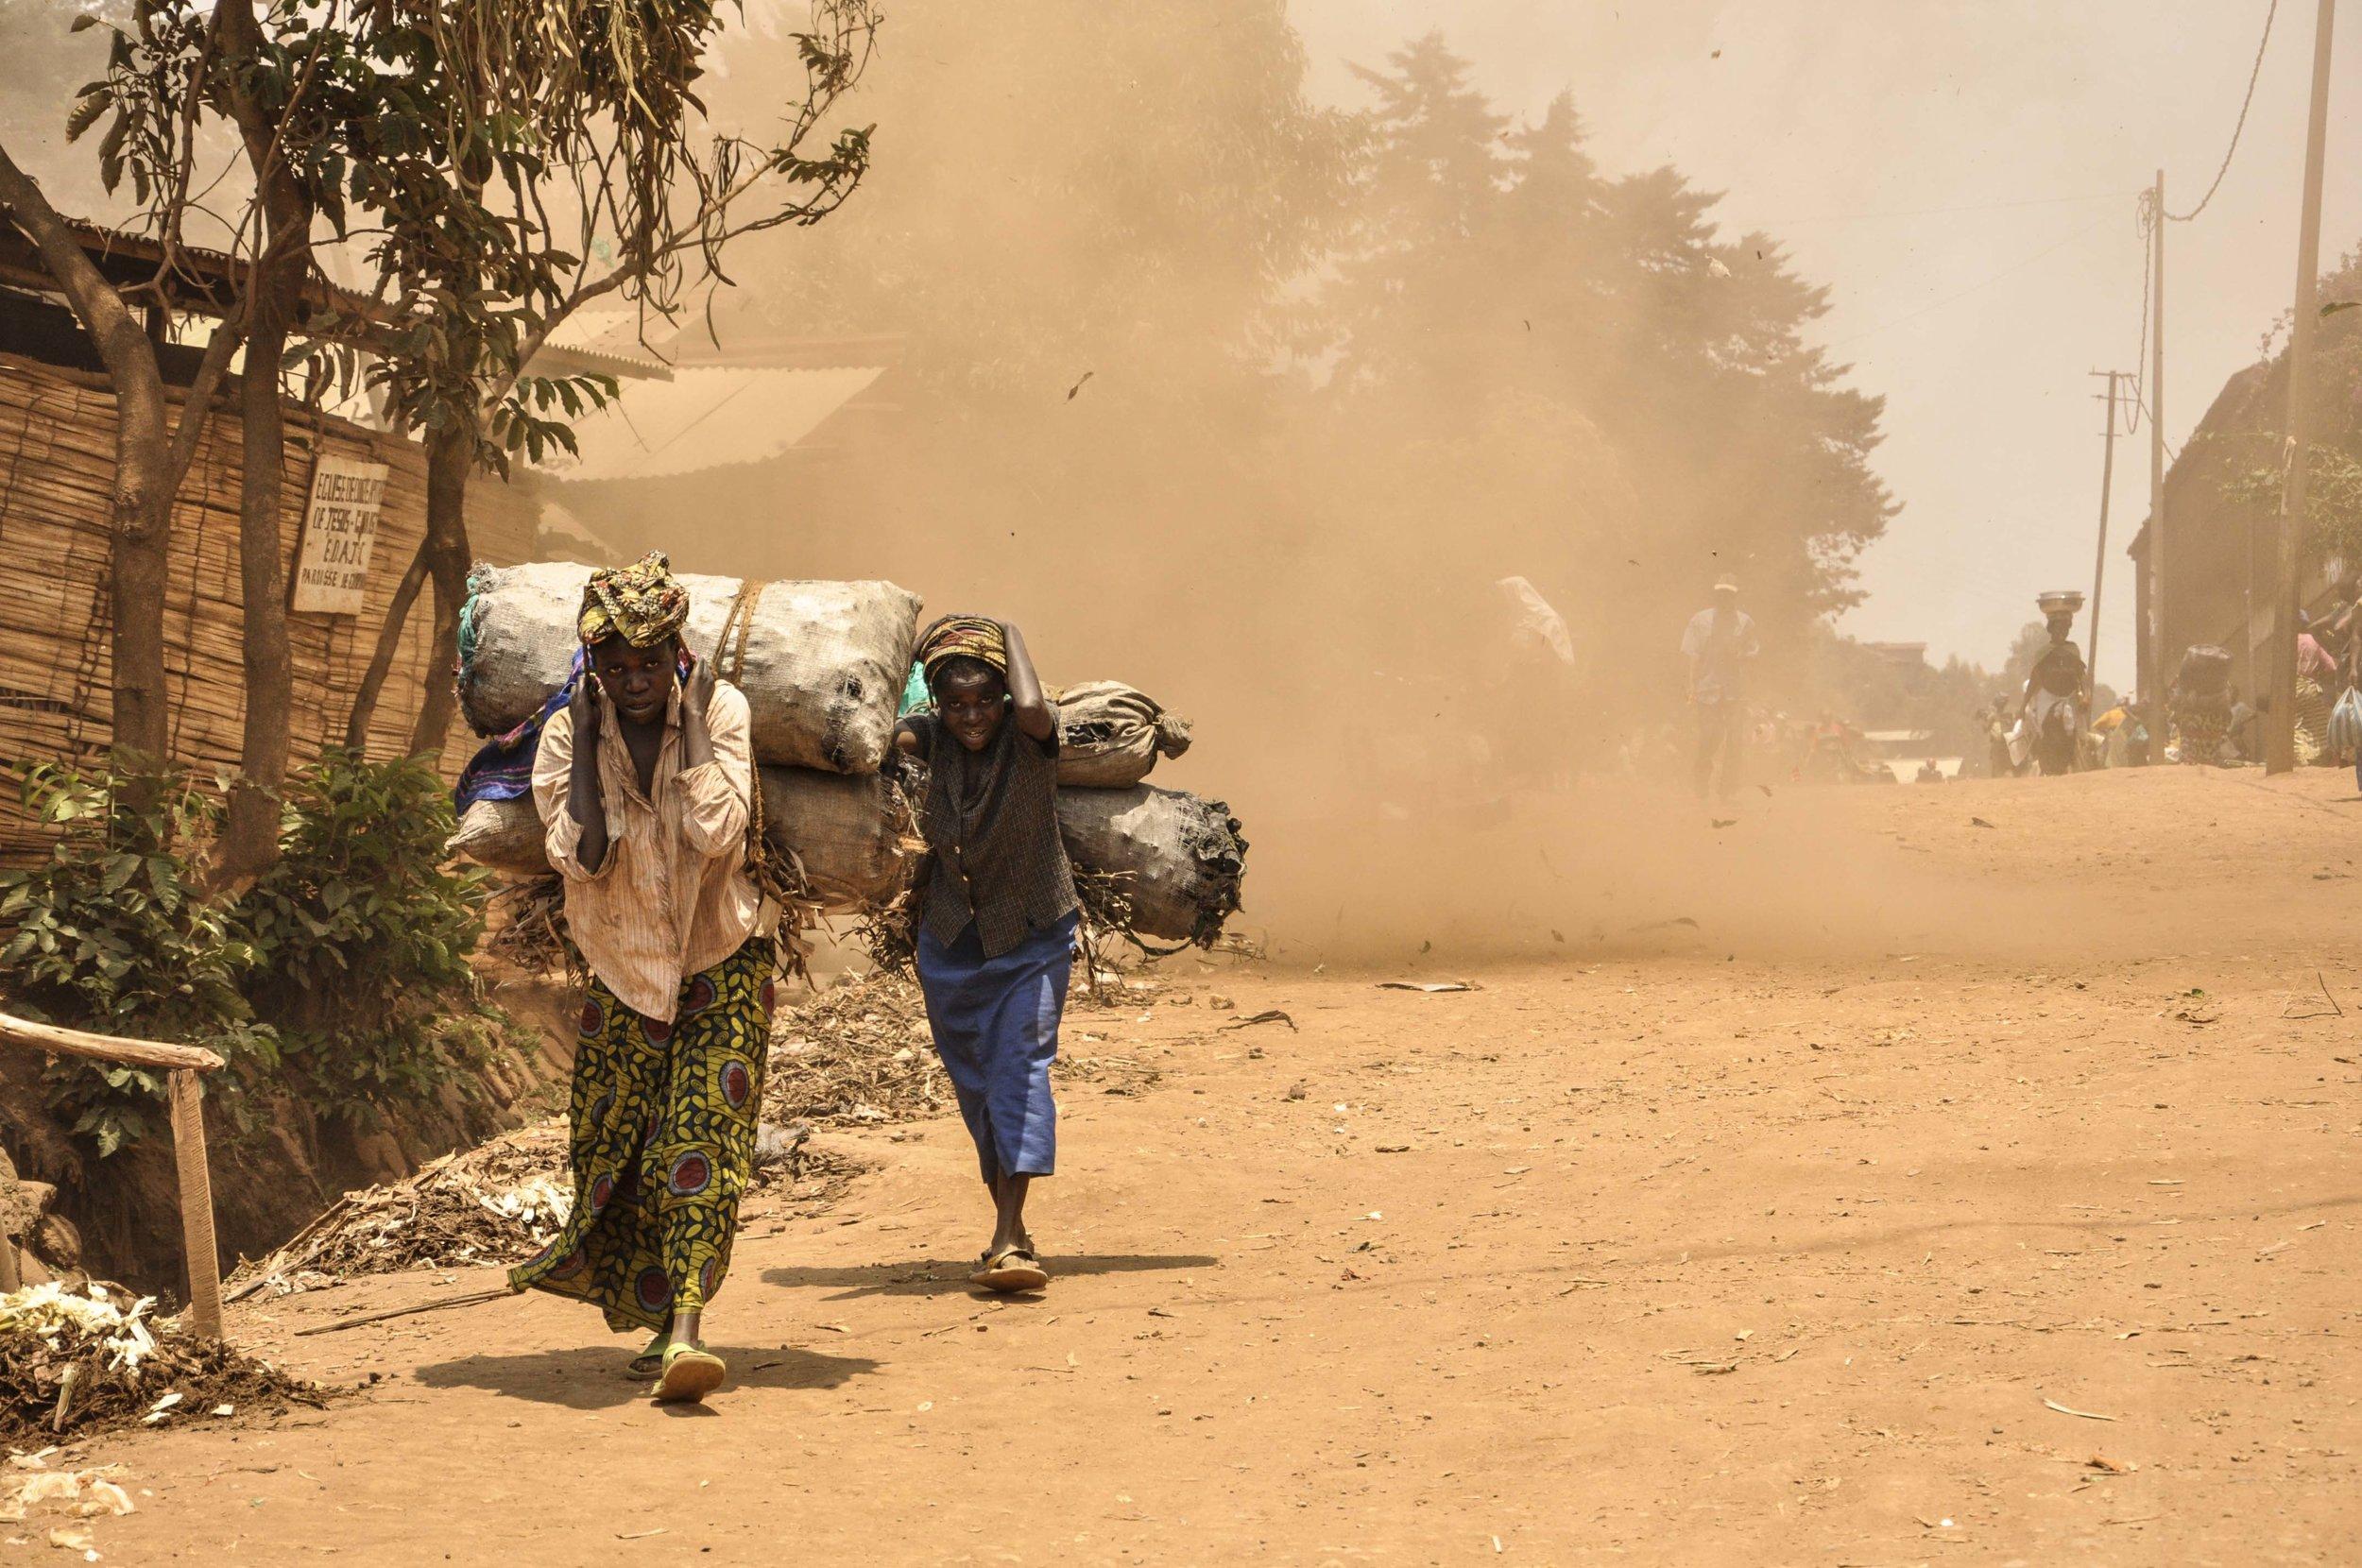 FRANCESCAVOLPI_CONGO_NGO 01.jpg